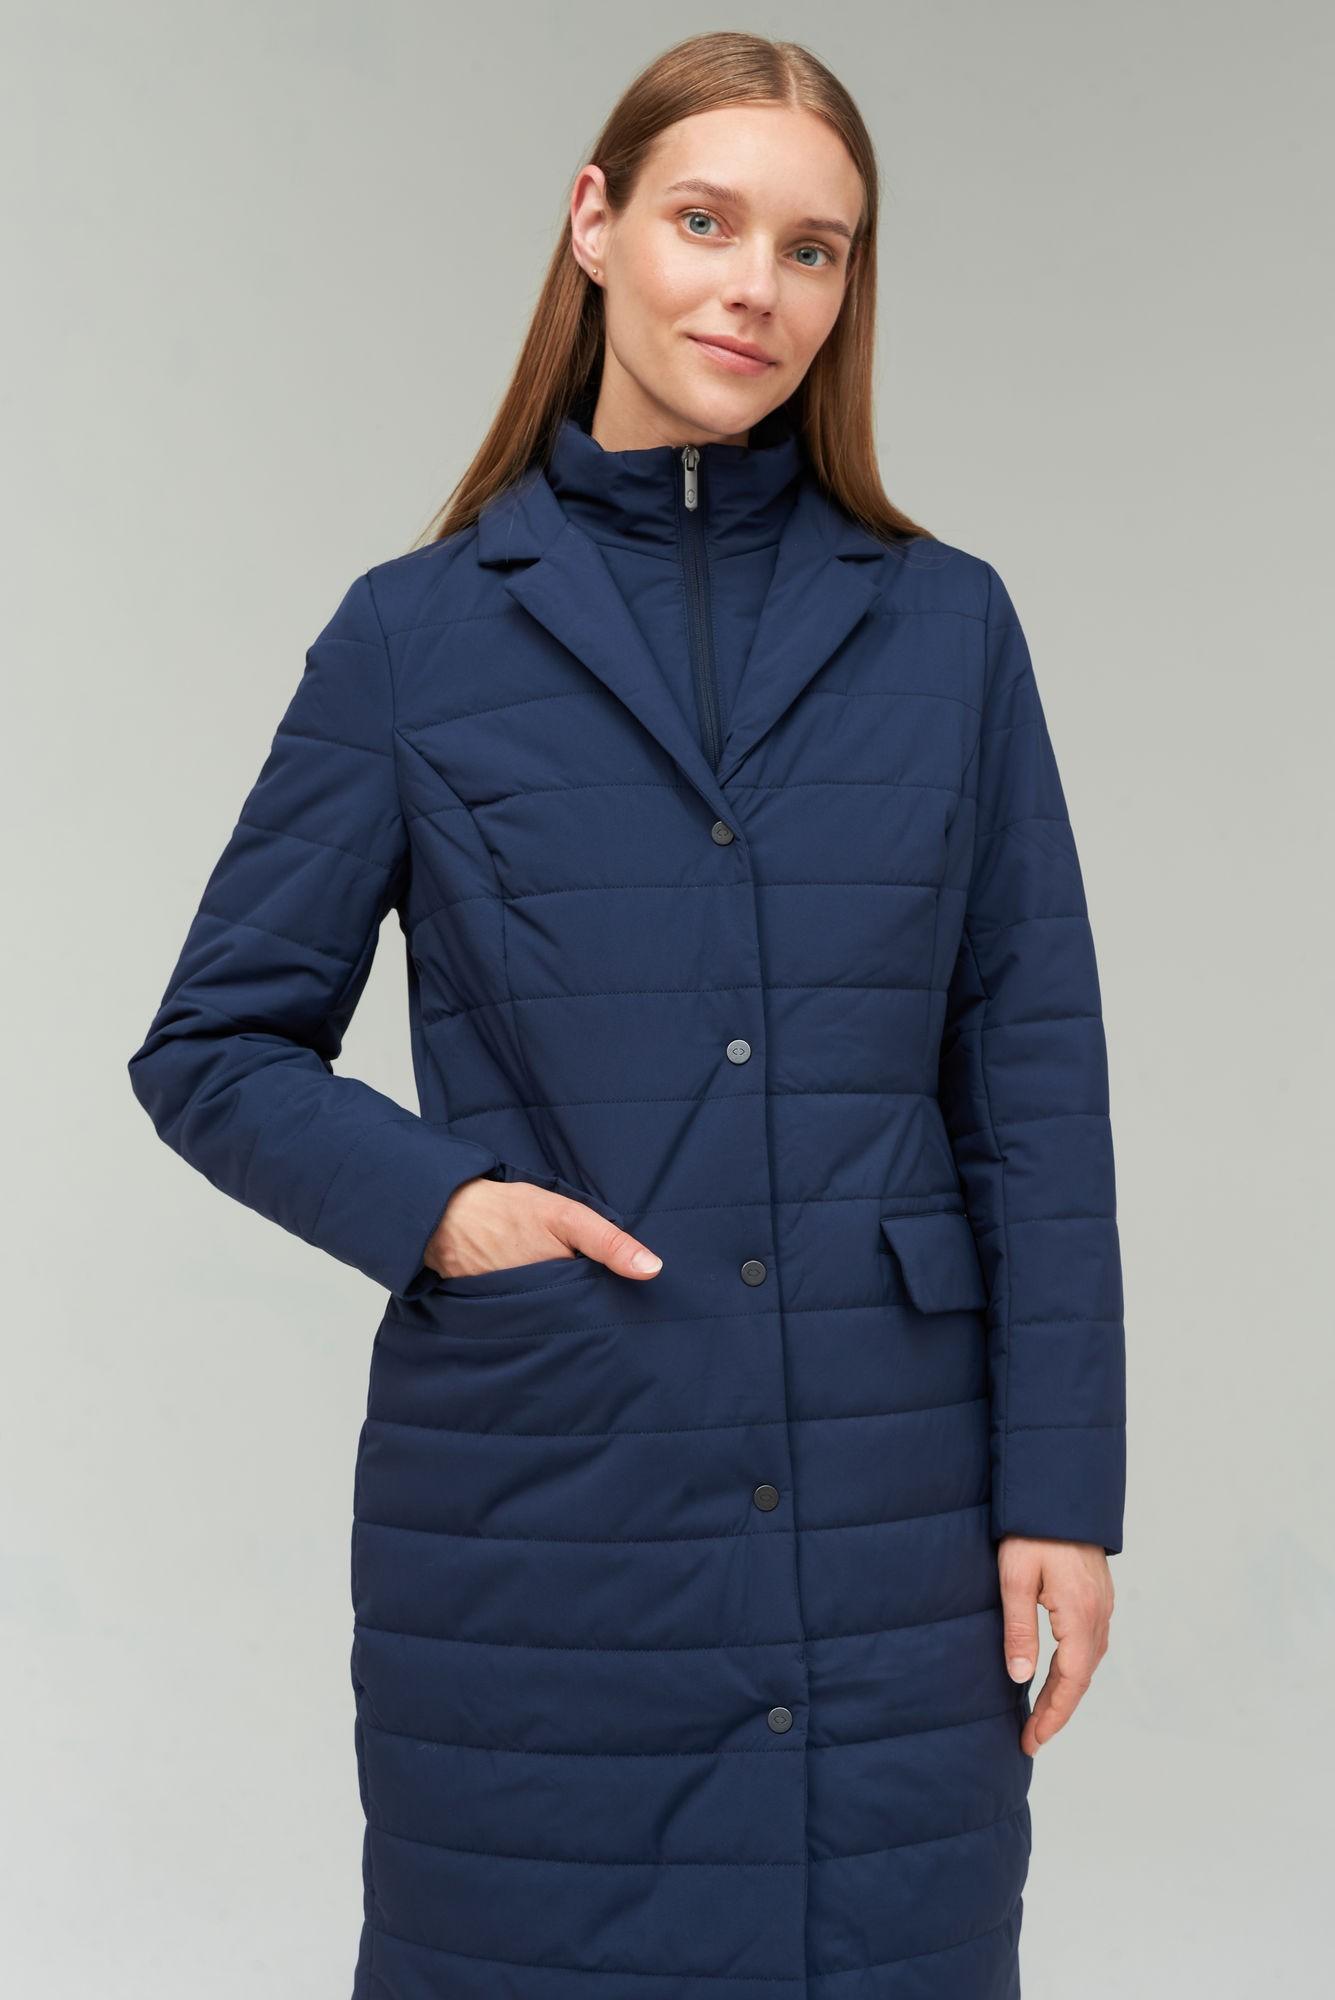 AUDIMAS Paltas su THINSULATE pašiltinimu 2021-006 Navy Blazer L